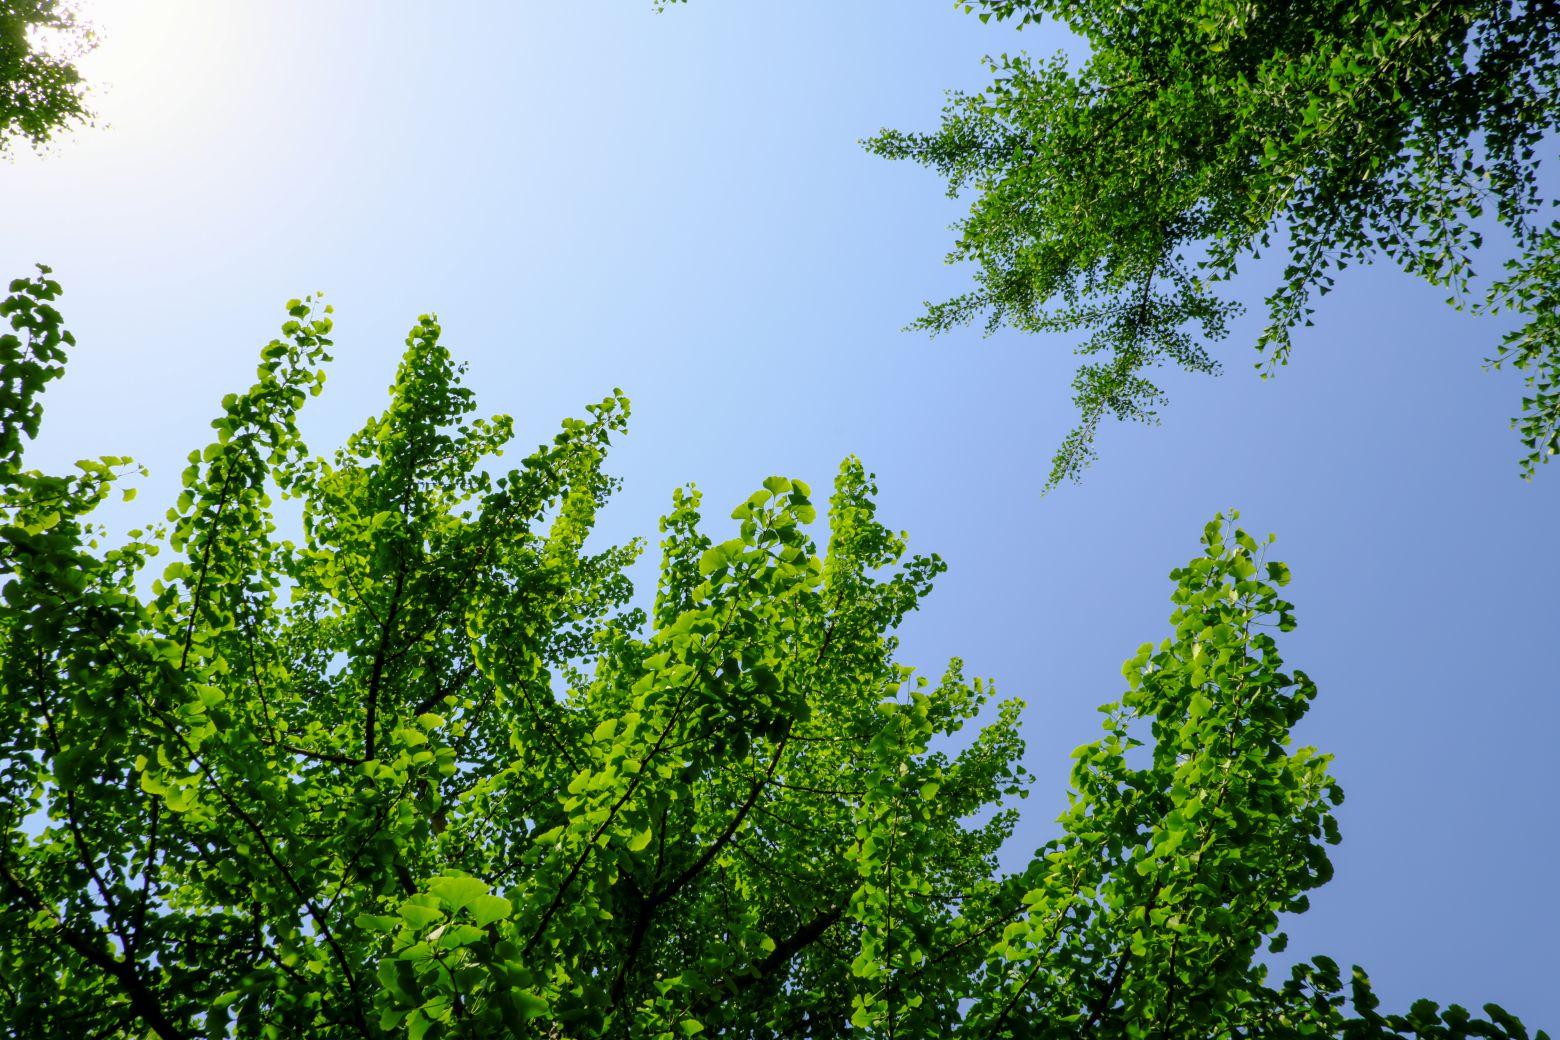 银杏树与天空背景 - 免费商用图片